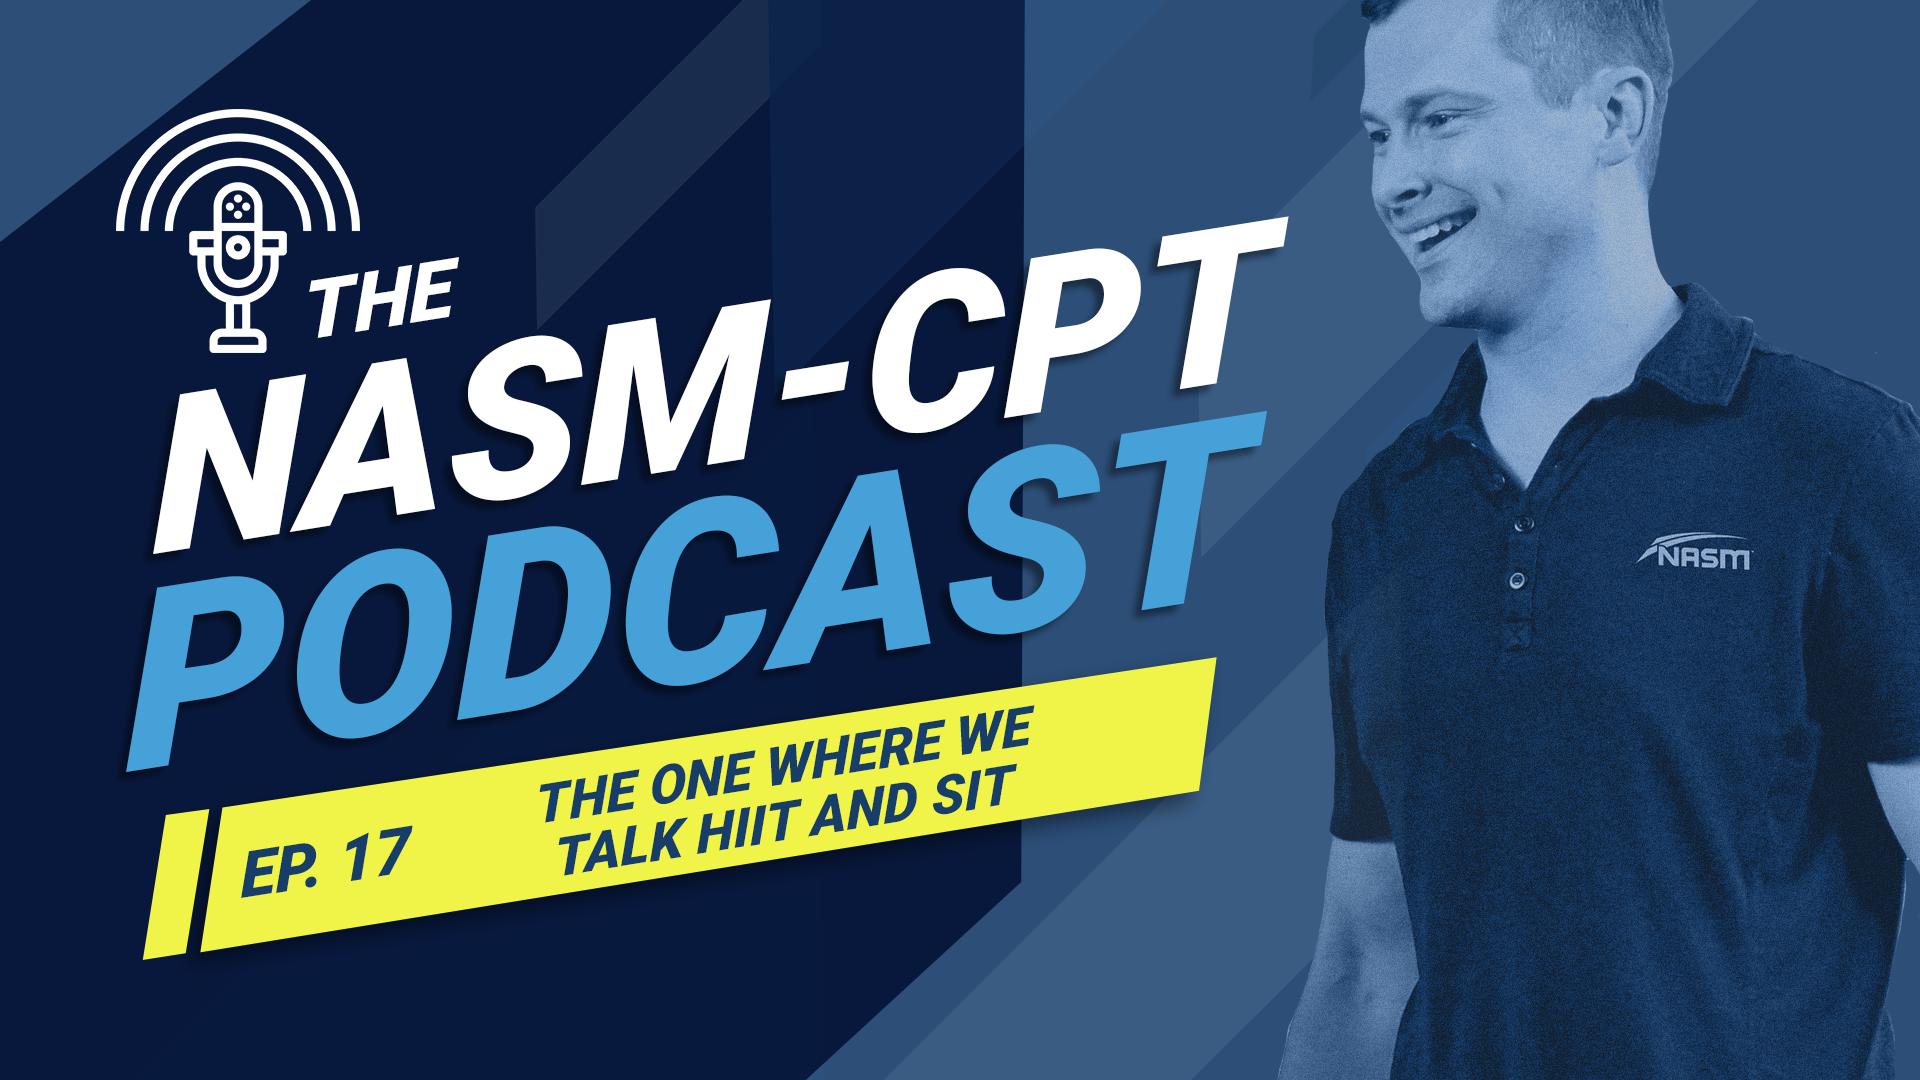 nasm-cpt podcast logo